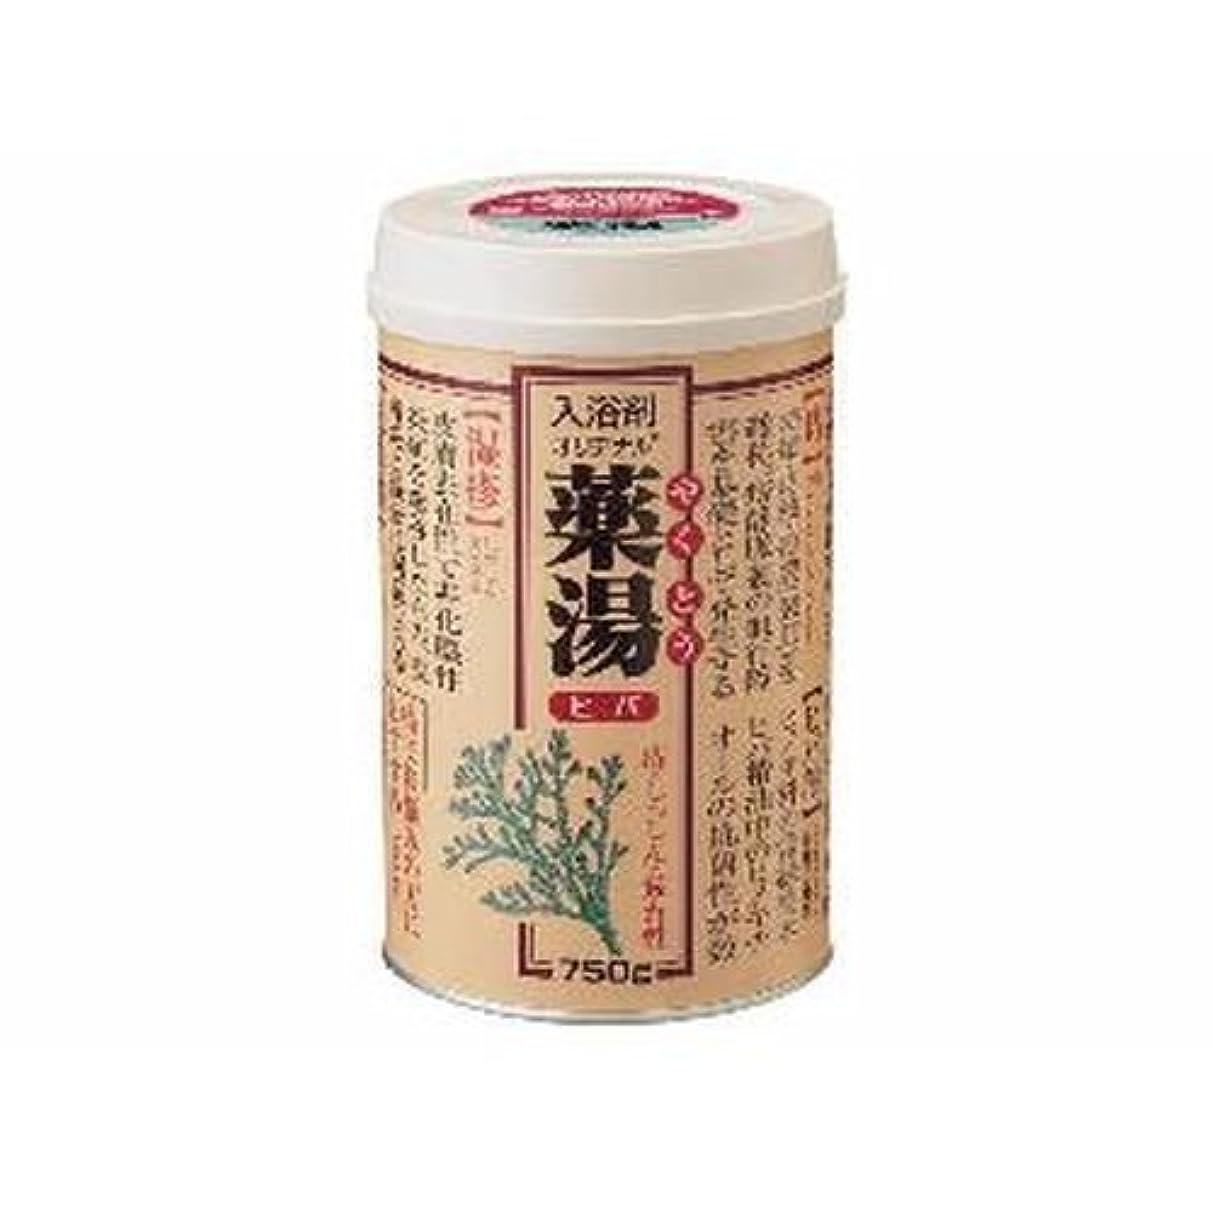 バラ色見出し水族館【まとめ買い】NEWオリヂナル薬湯 ヒバ 750g ×2セット